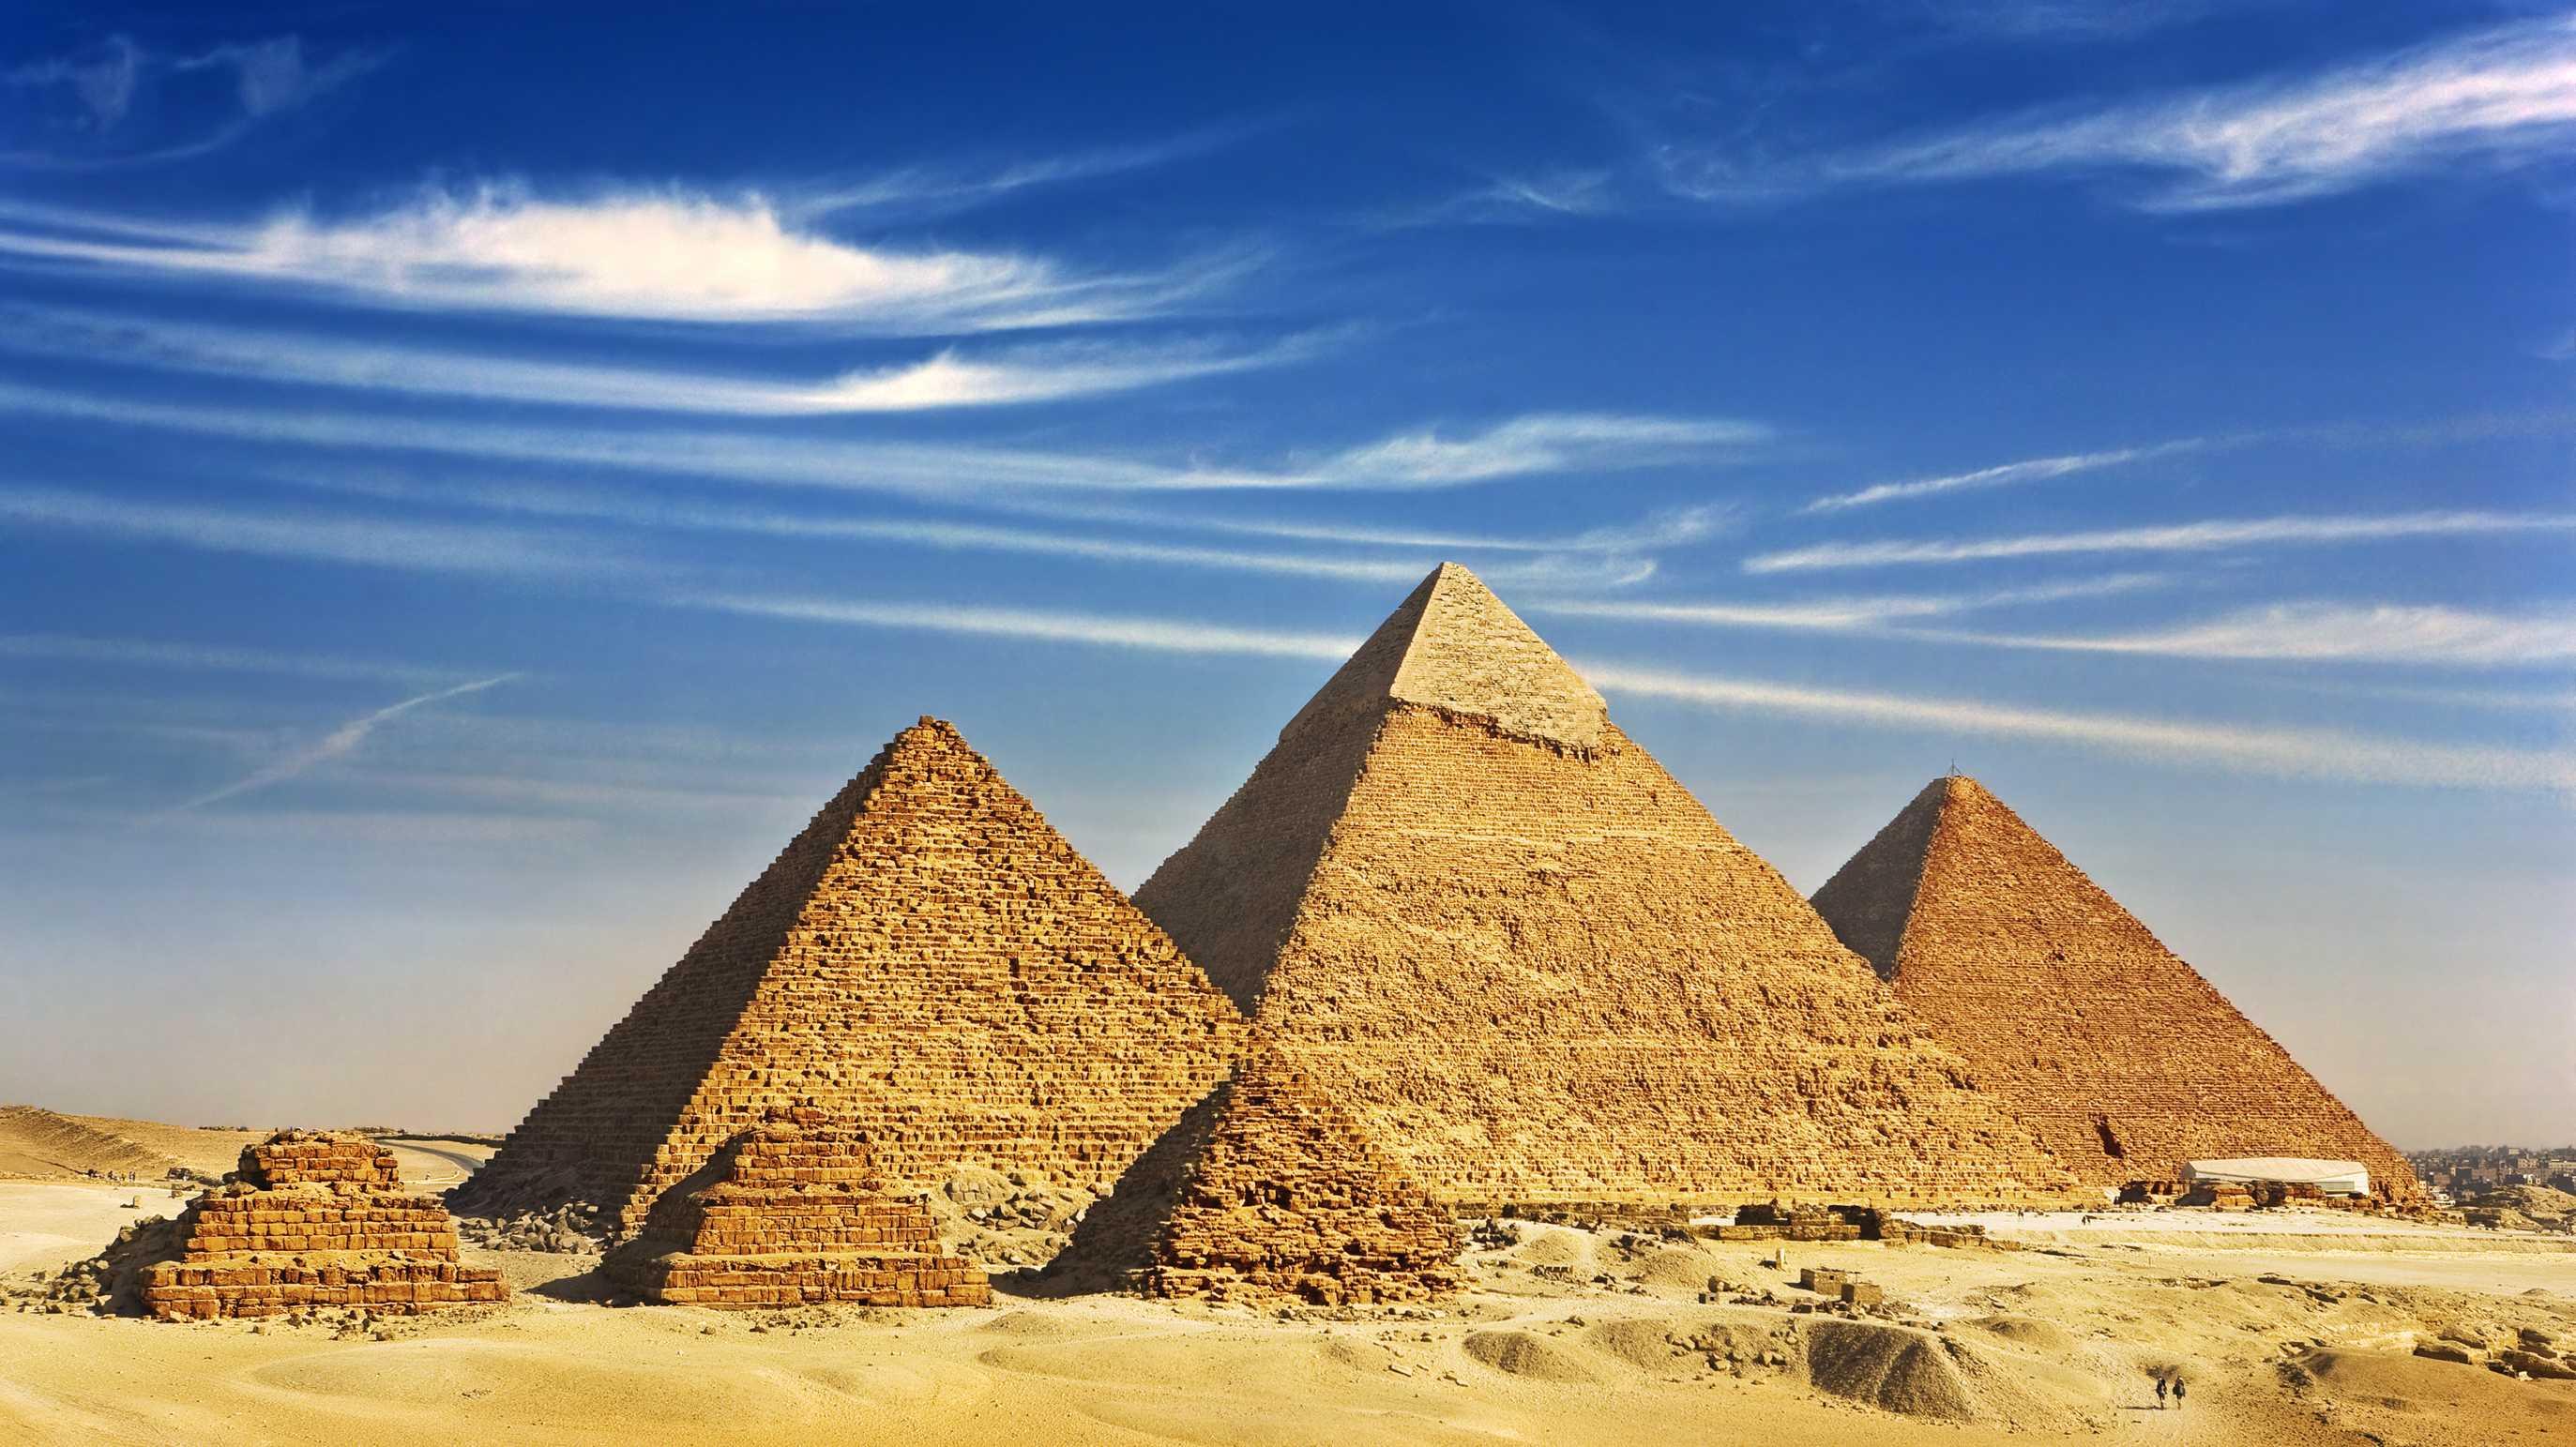 Von Pyramiden und Dokumentation